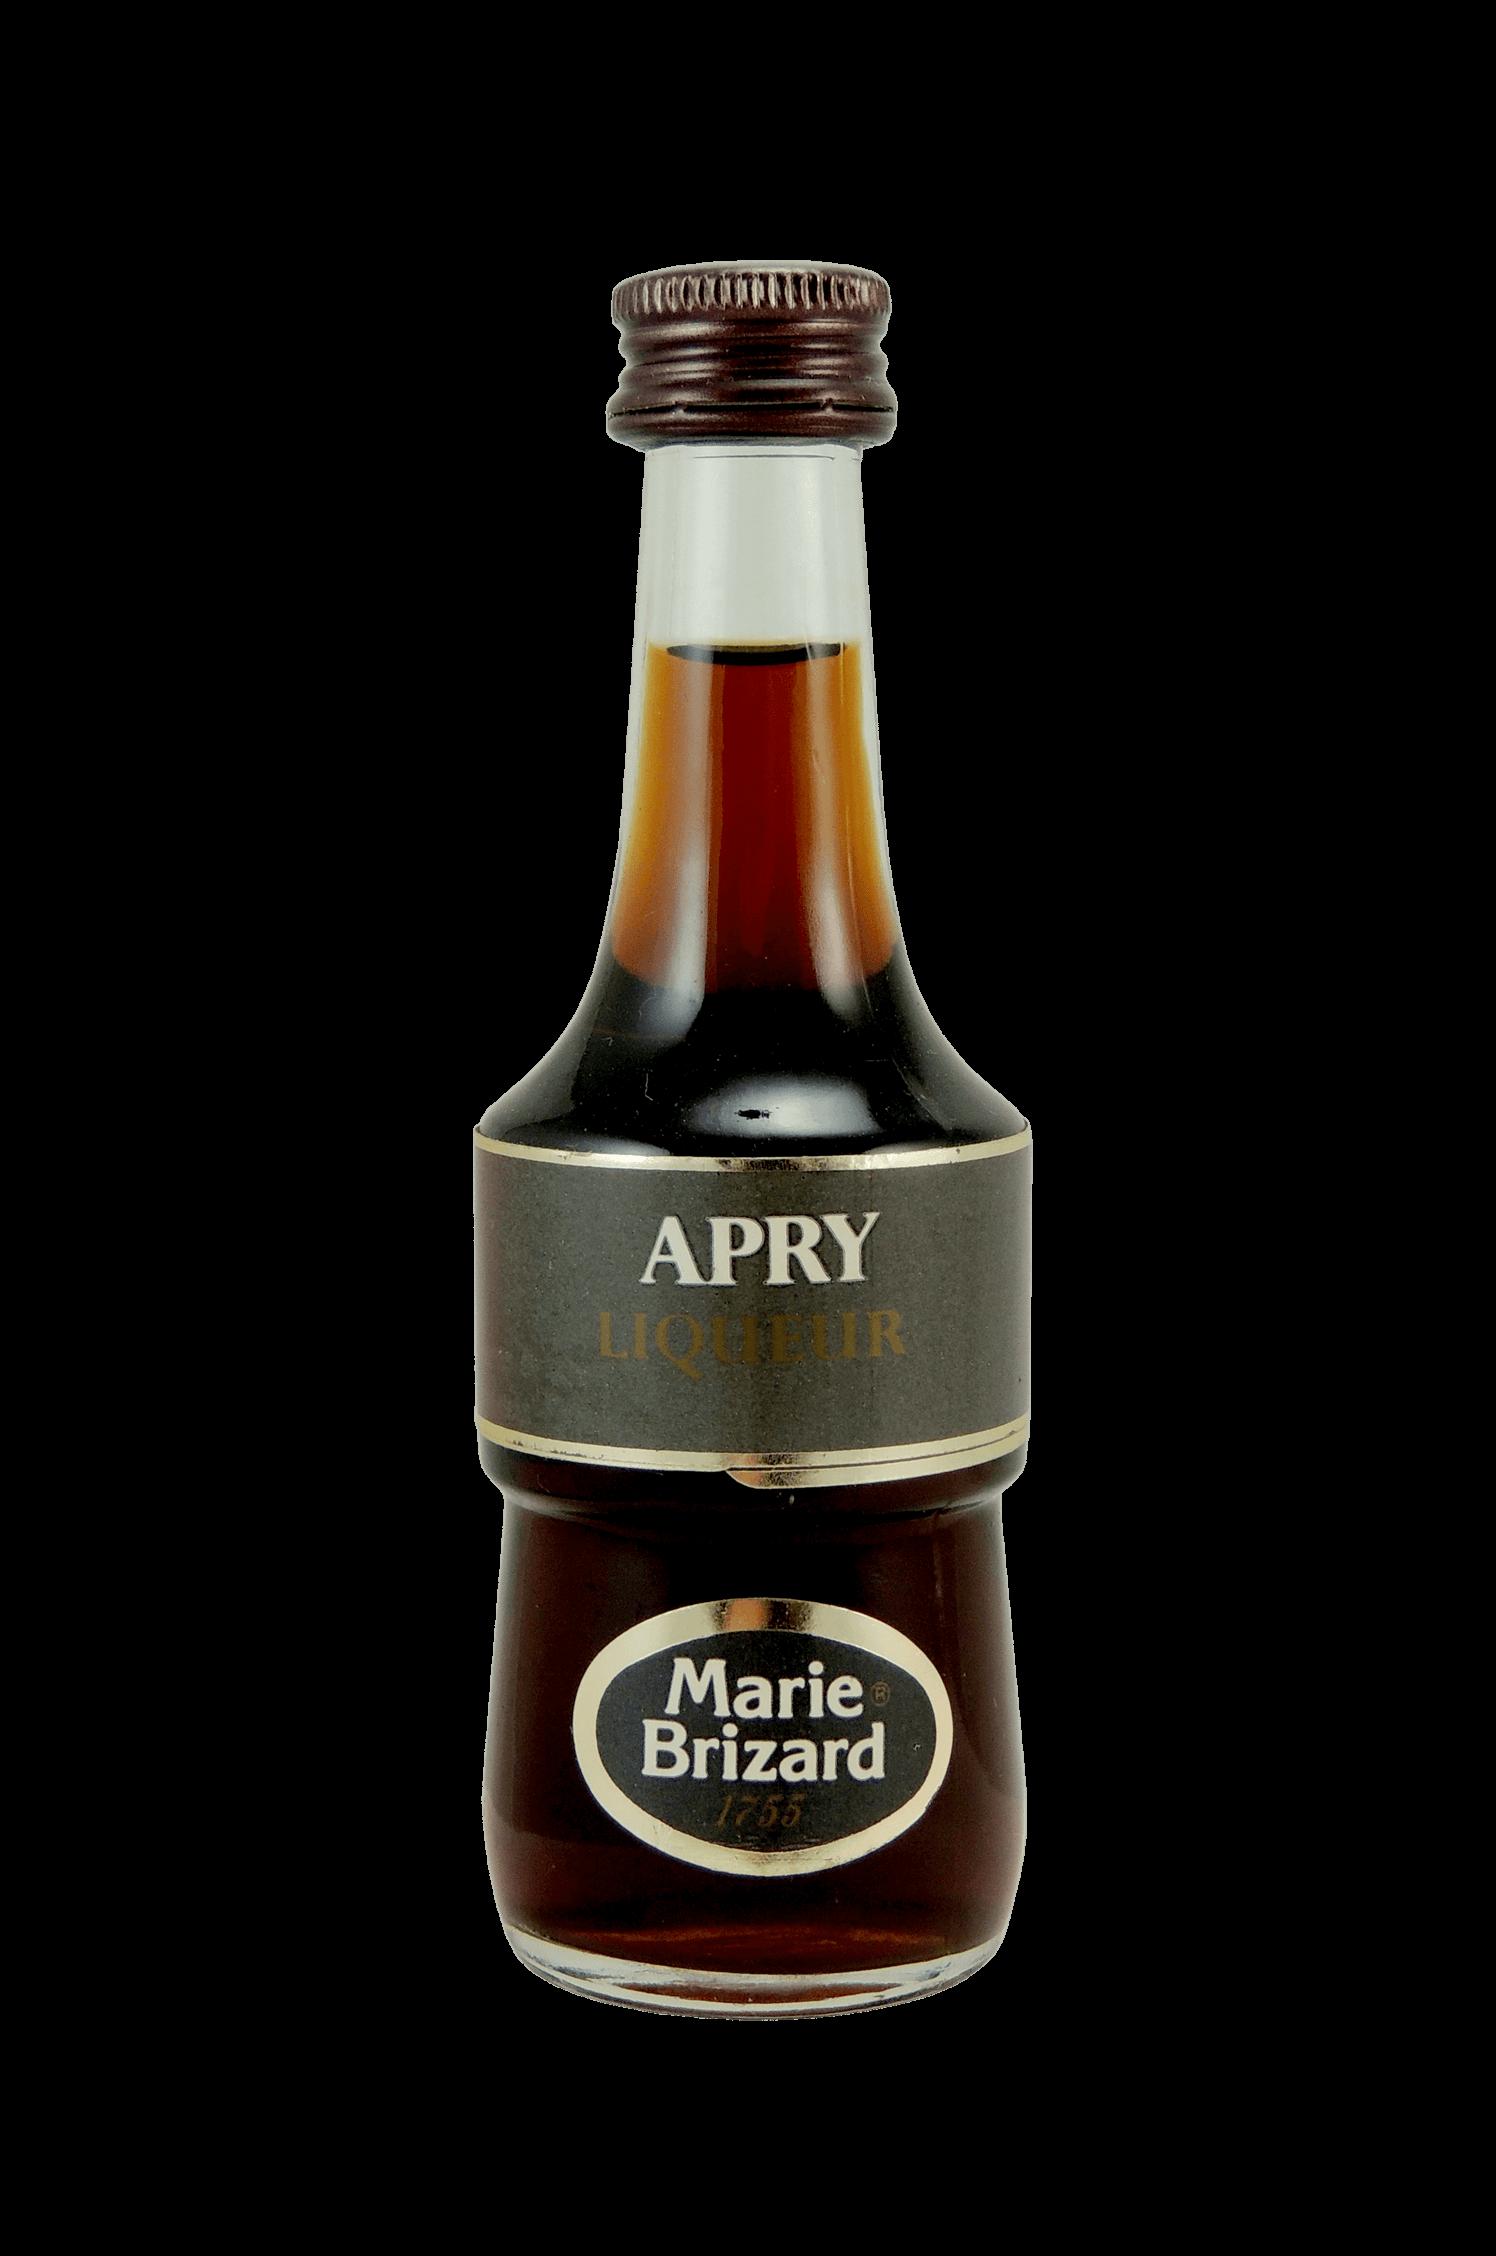 Apry Liqueur